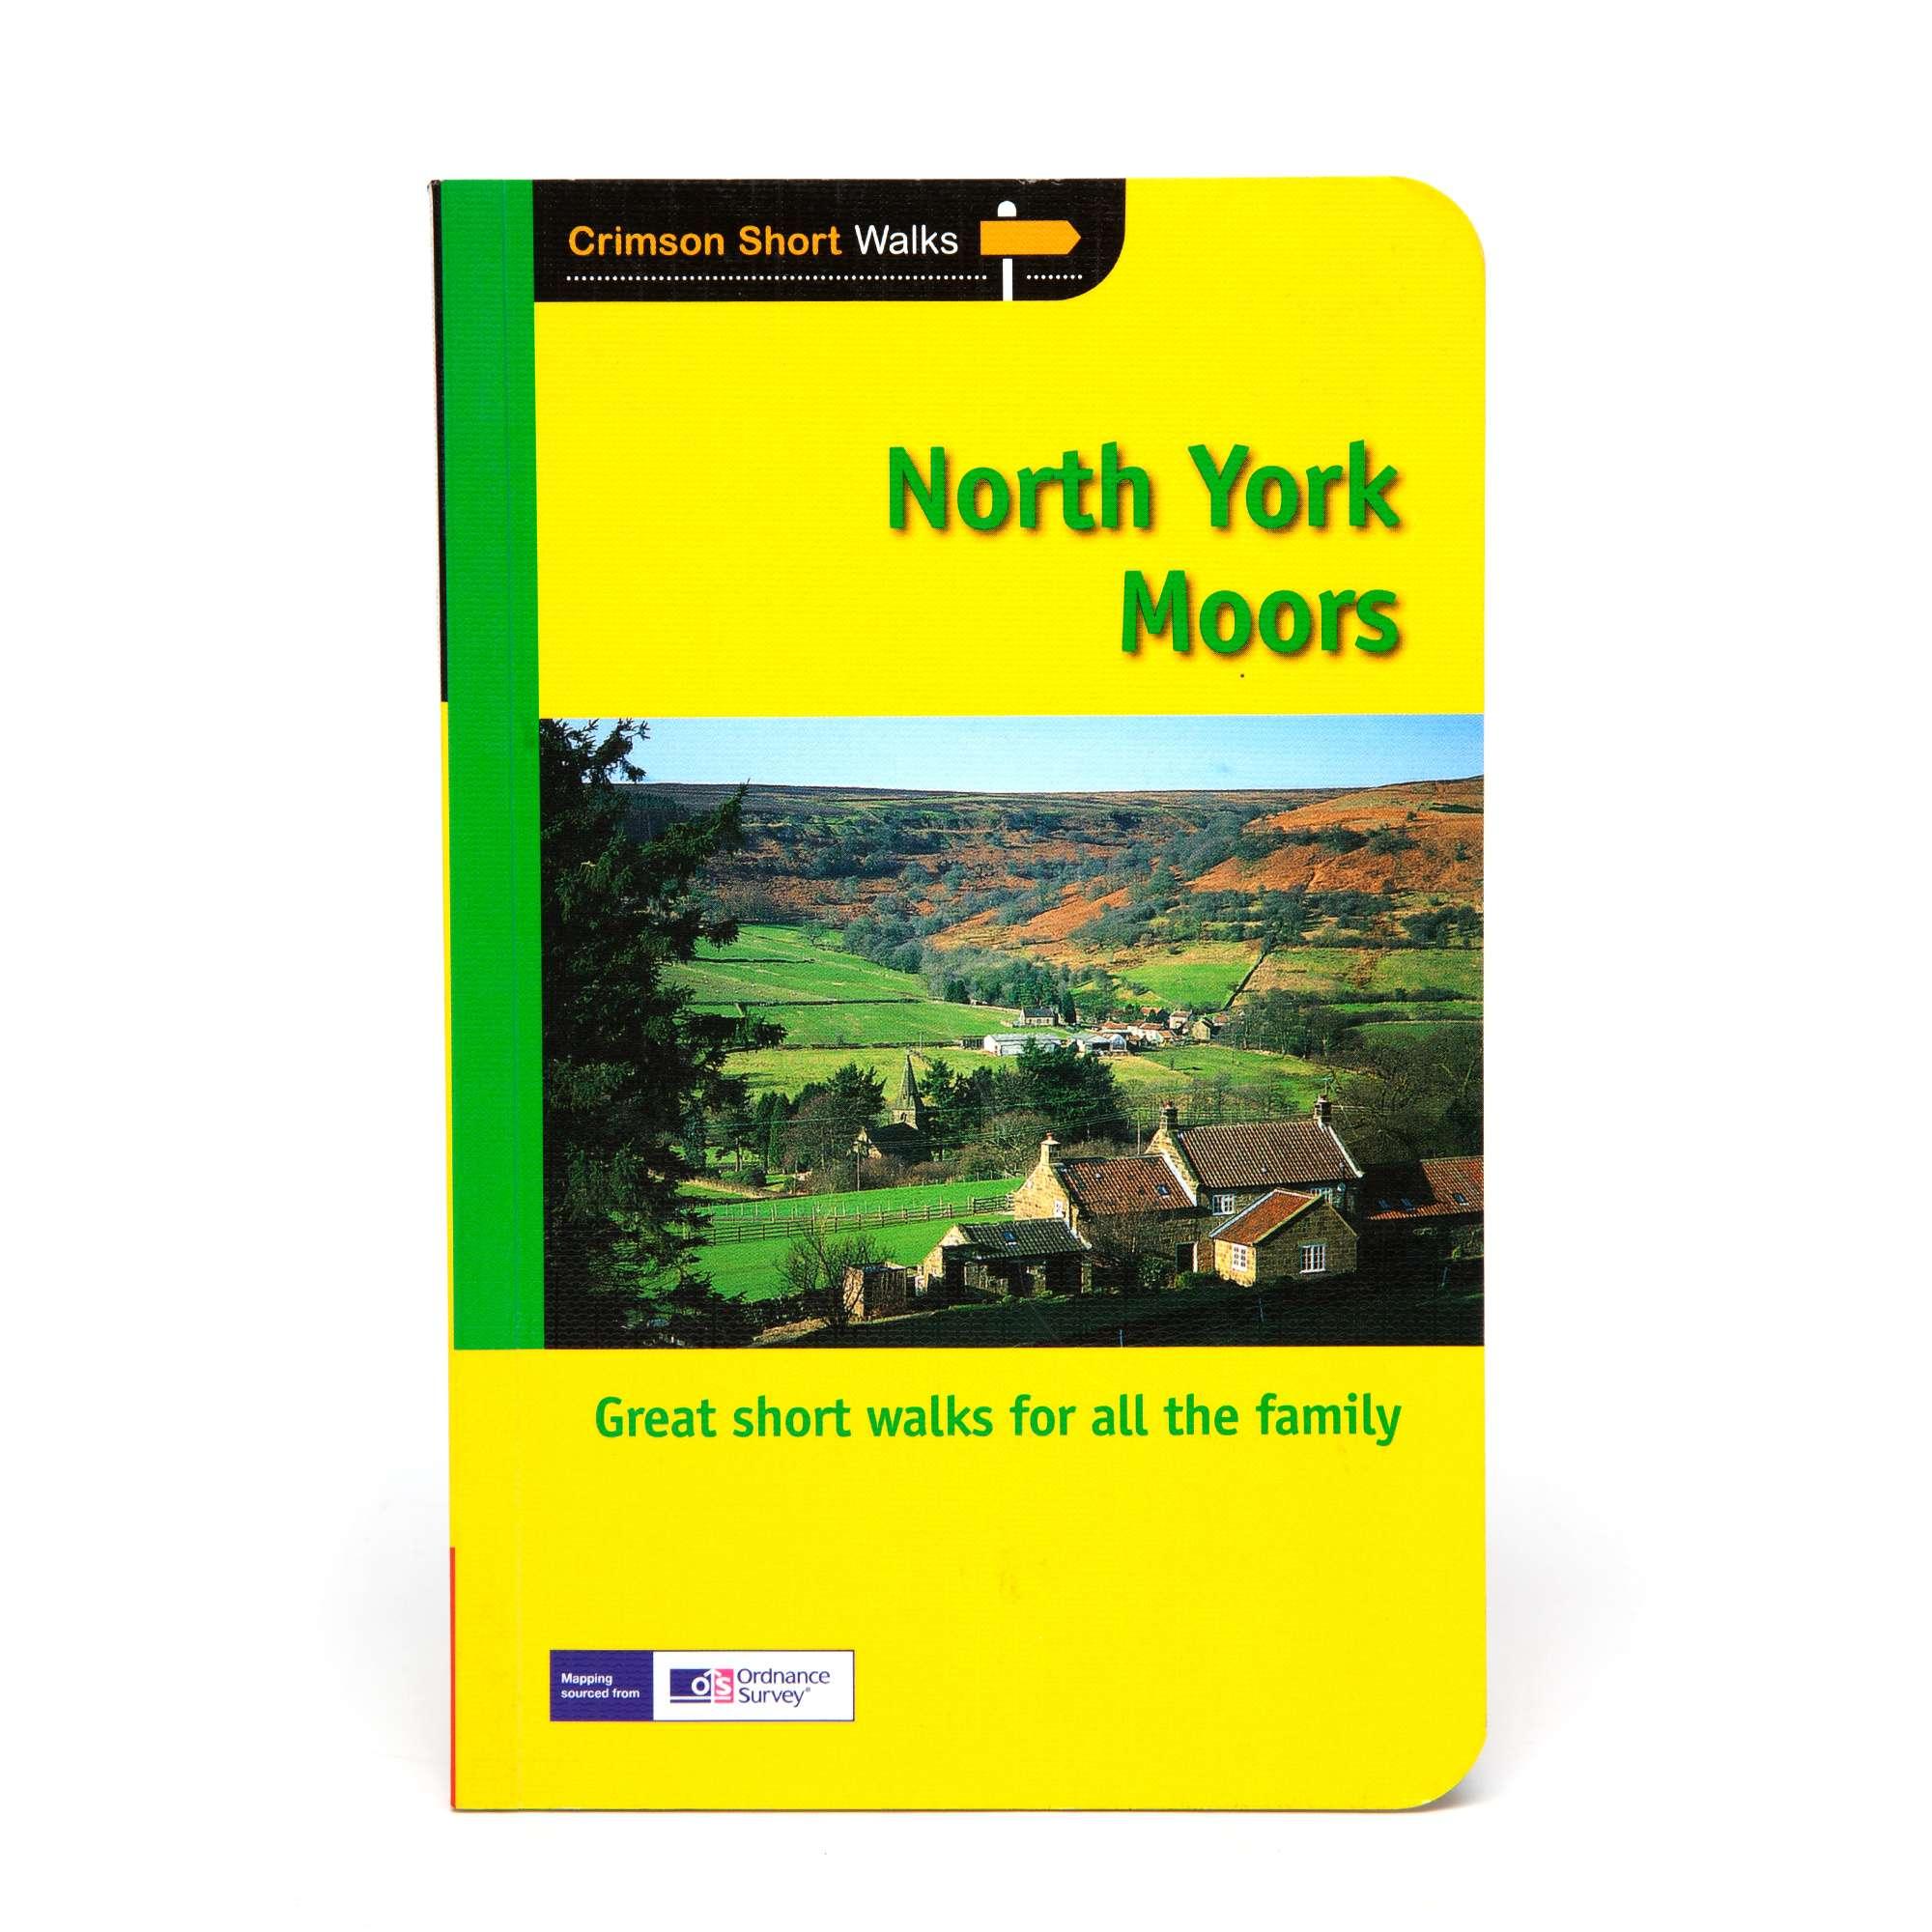 PATHFINDER North York Moors Guide